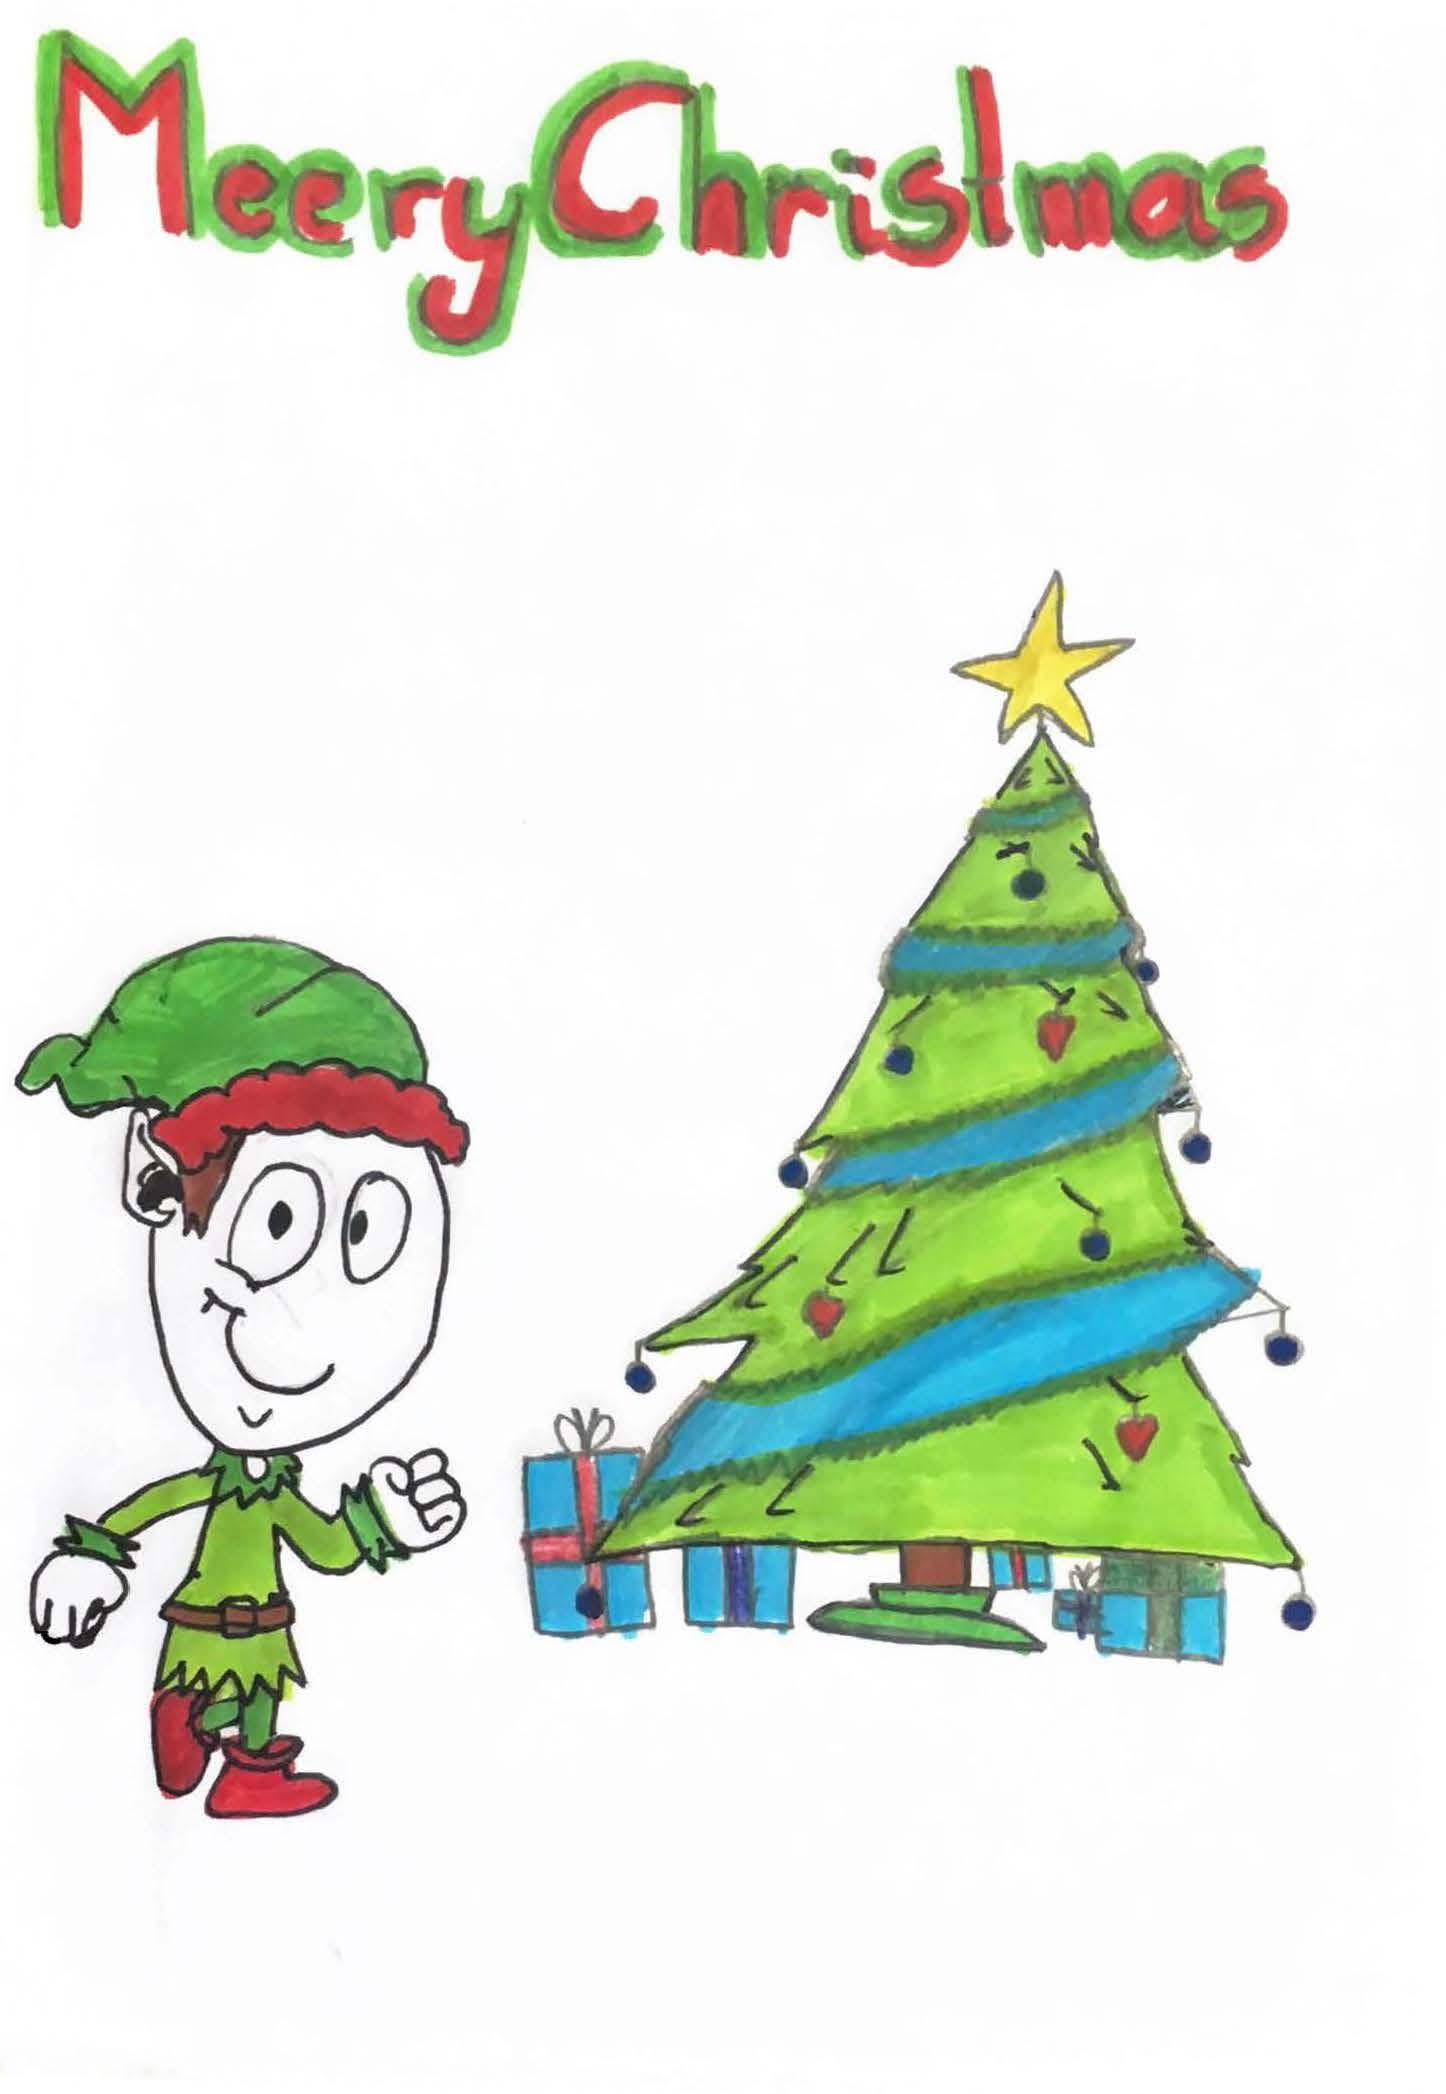 Bob Doris for Maryhill and Springburn - Talented local school pupils ...